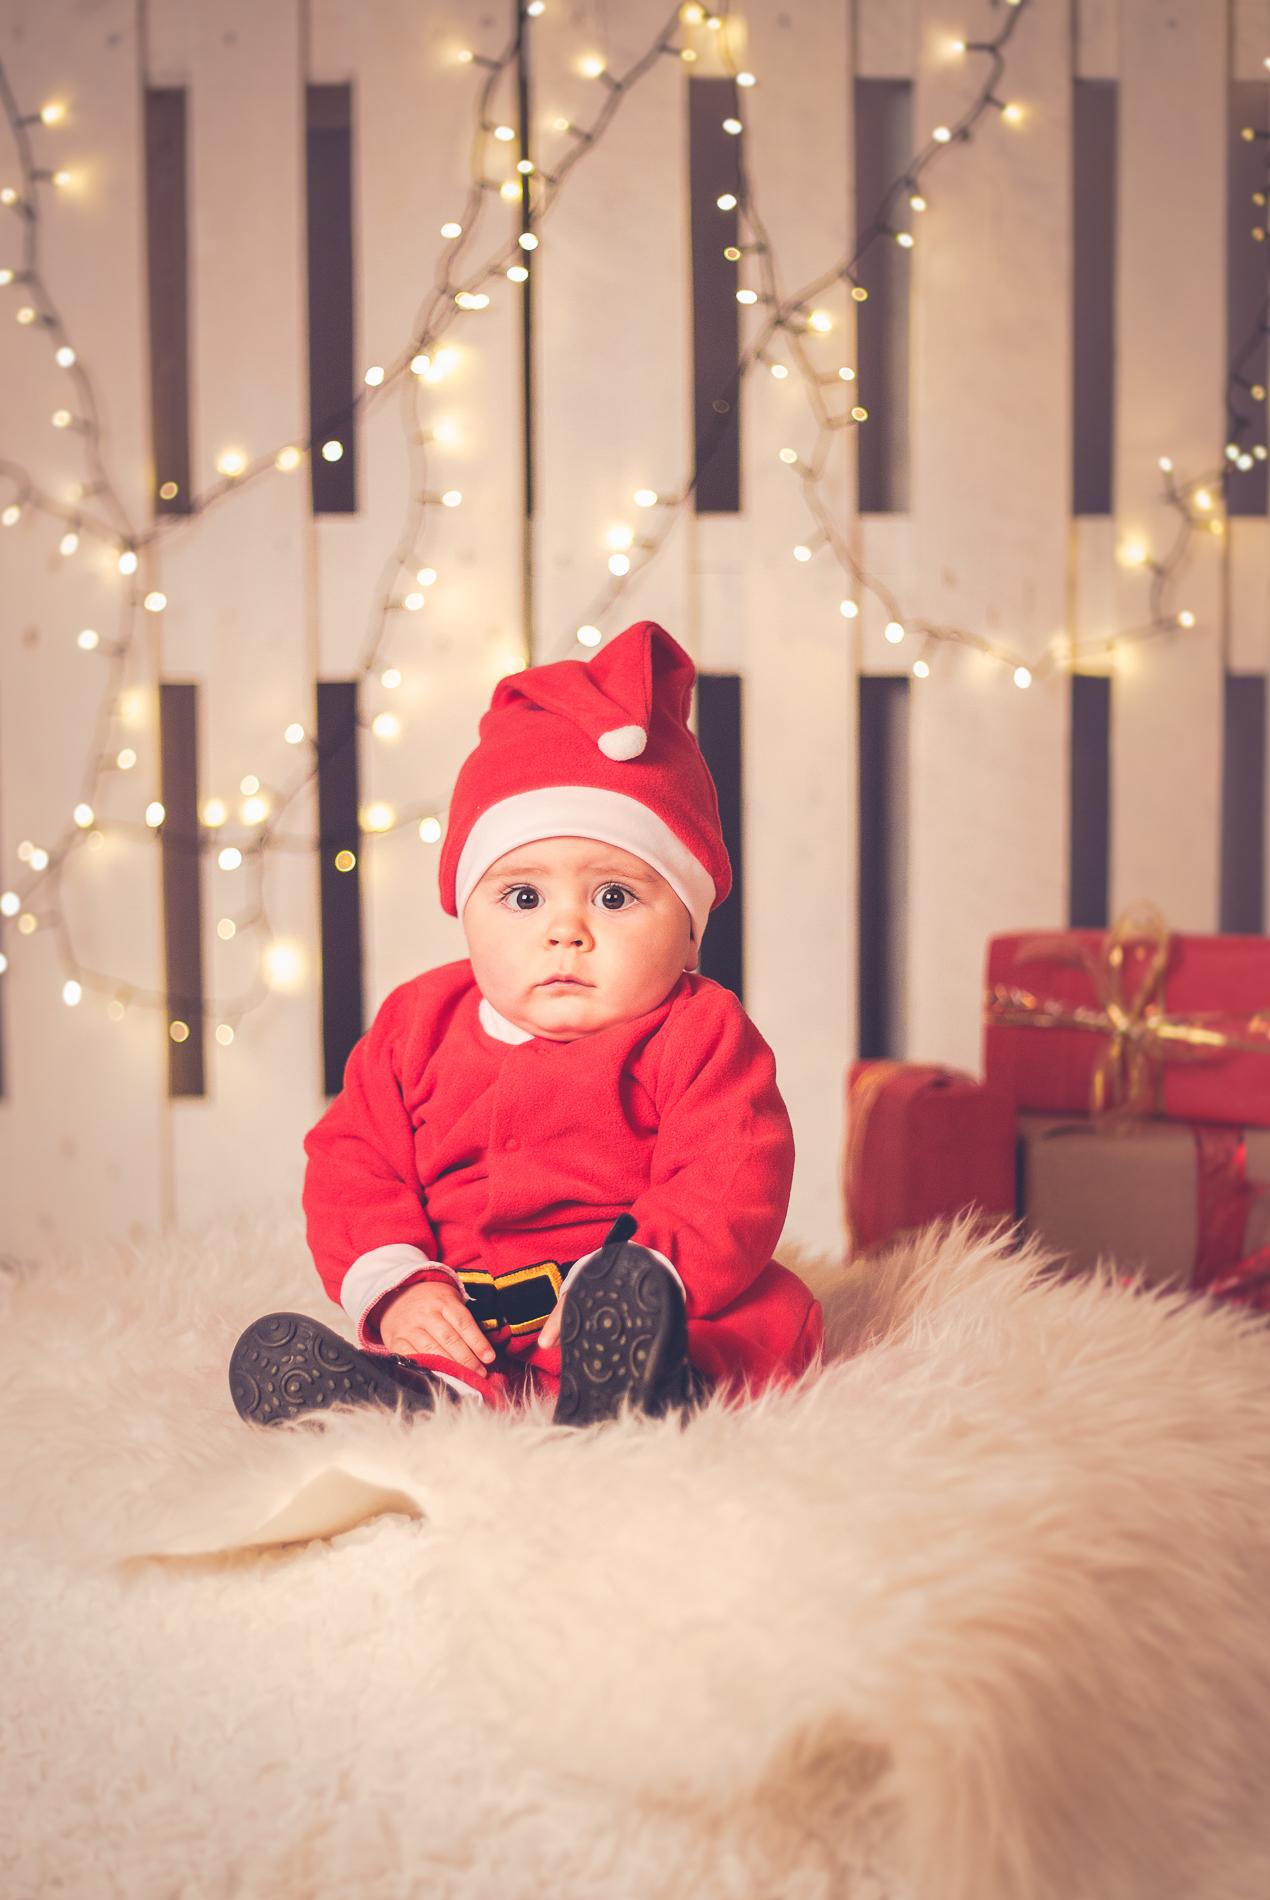 Fotos Profesionales De Navidad.Ninos Diecinueve84